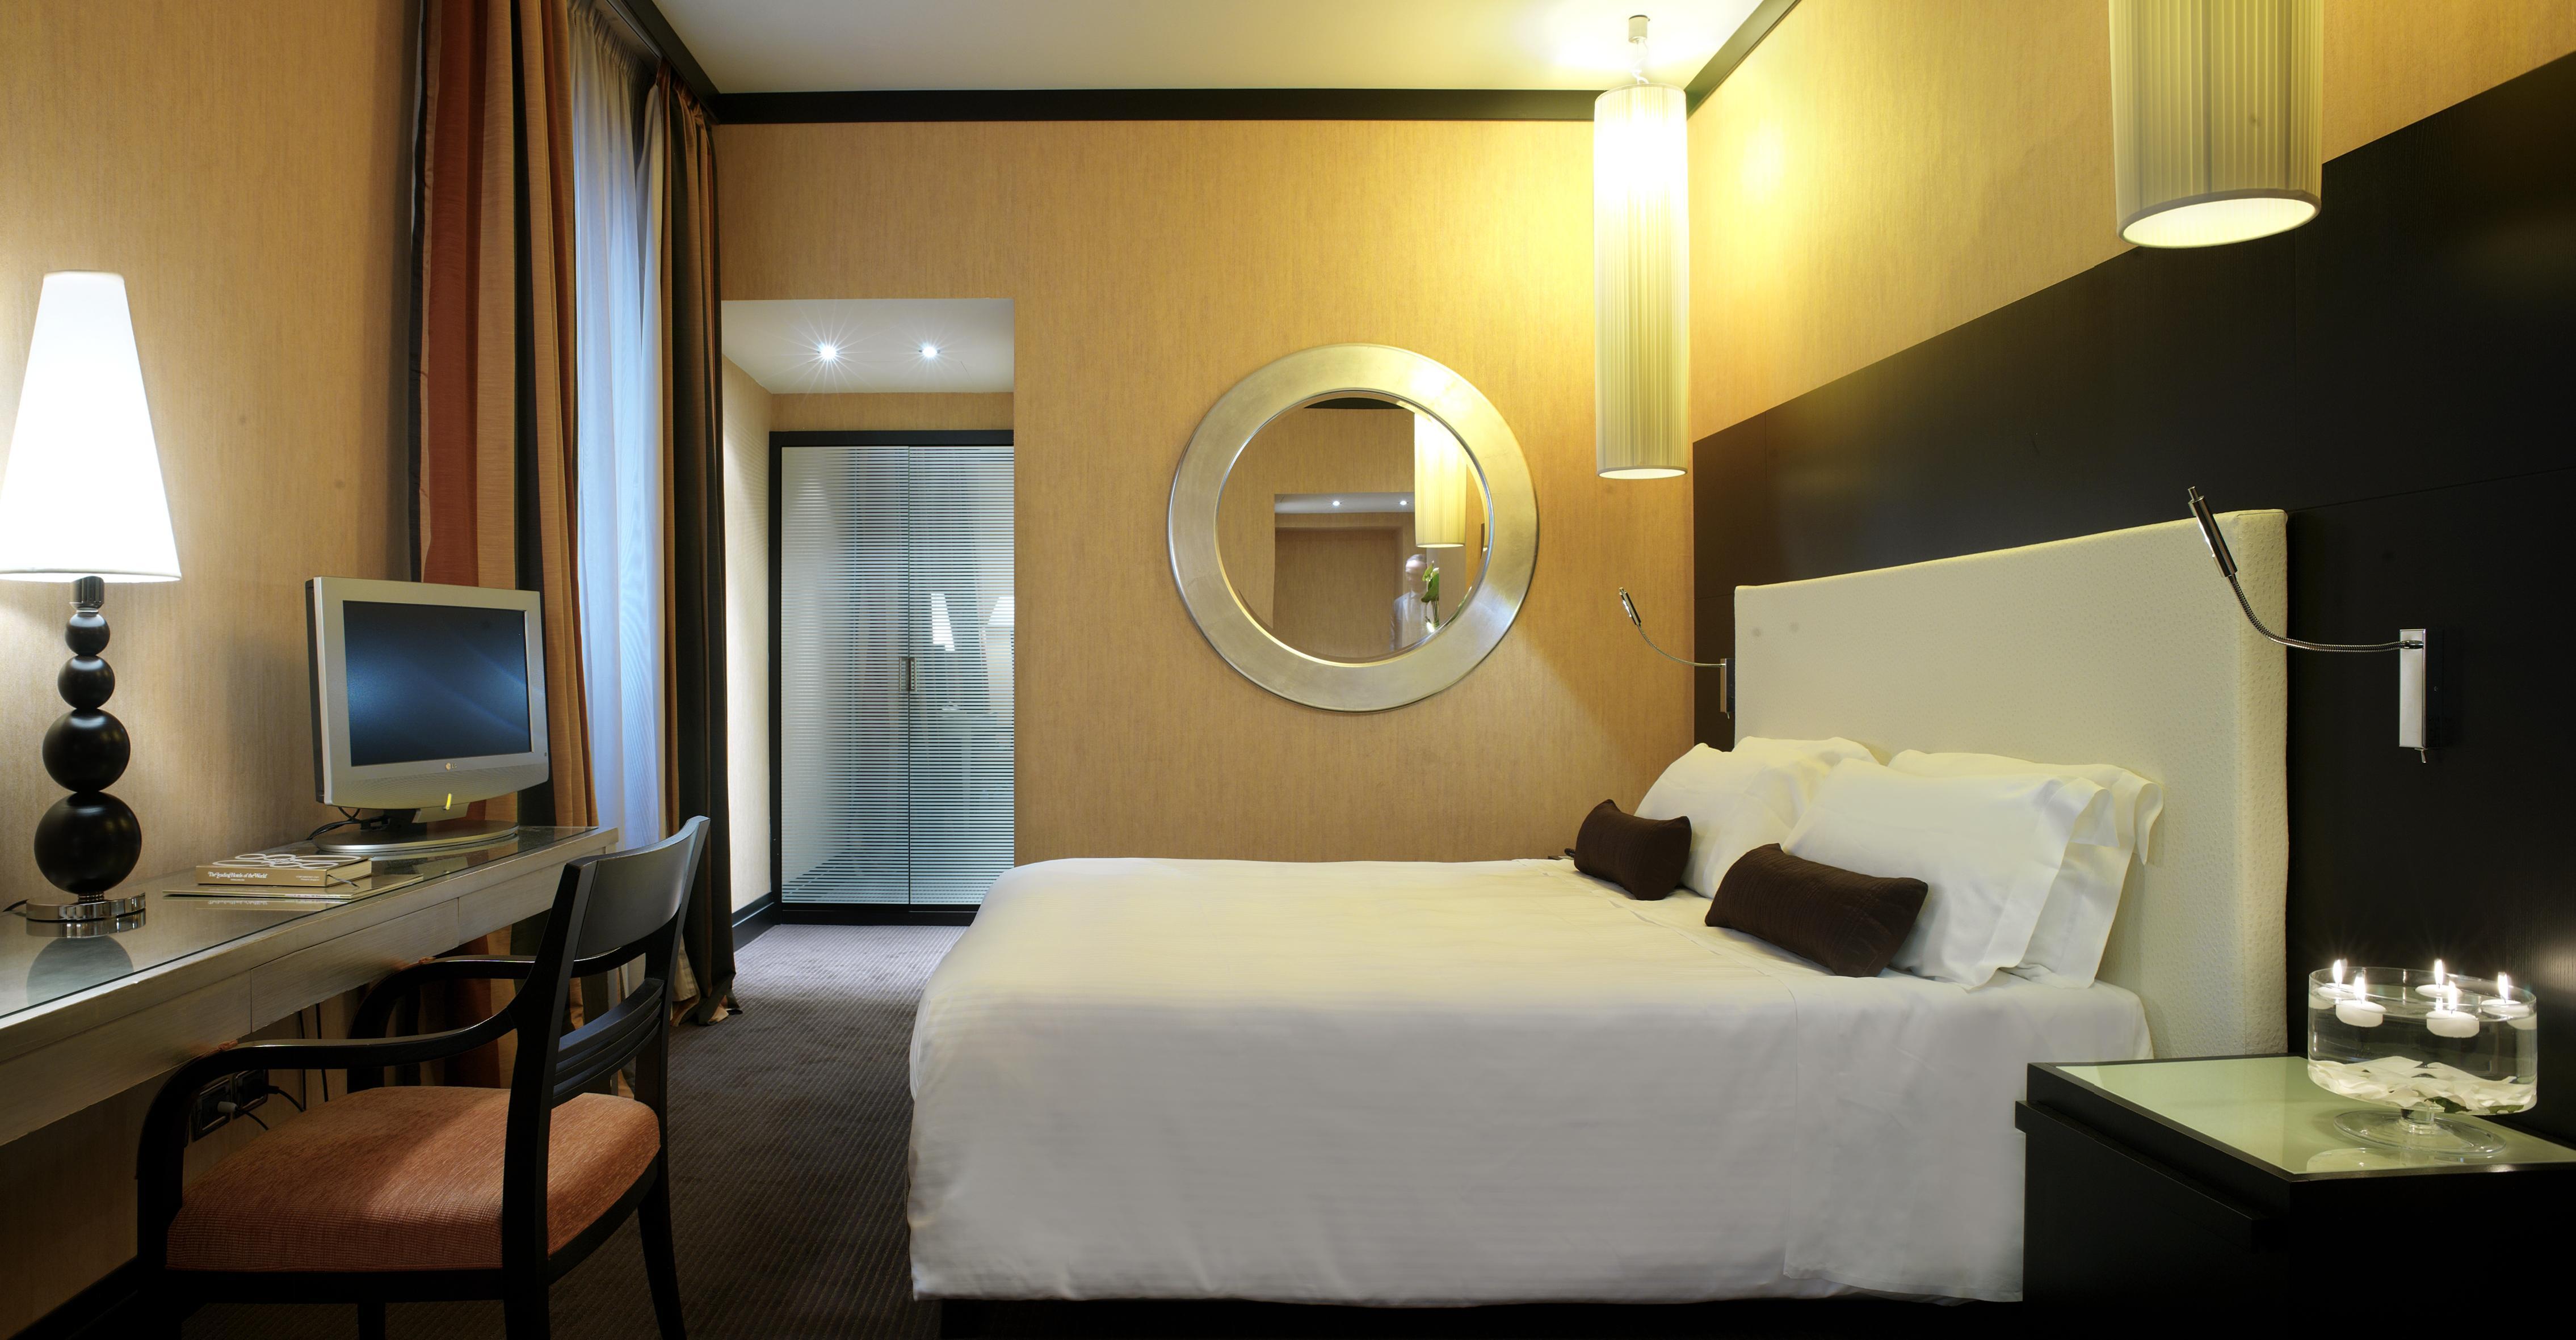 Corso poli design per specialisti in hotel hotelmag for Poli design